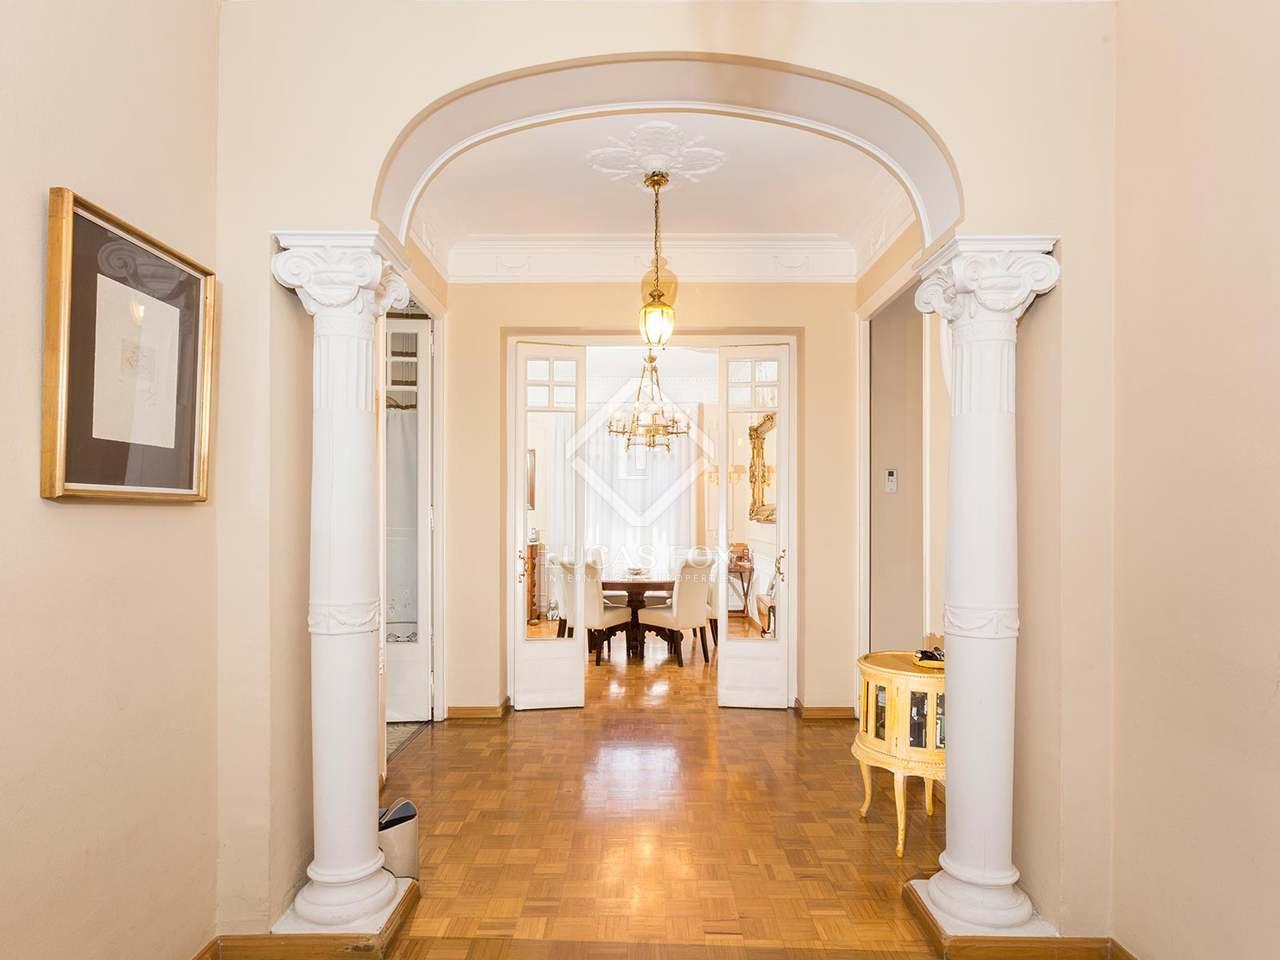 Appartement de 192m a vendre eixample droite barcelone - Appartements a vendre a barcelone ...